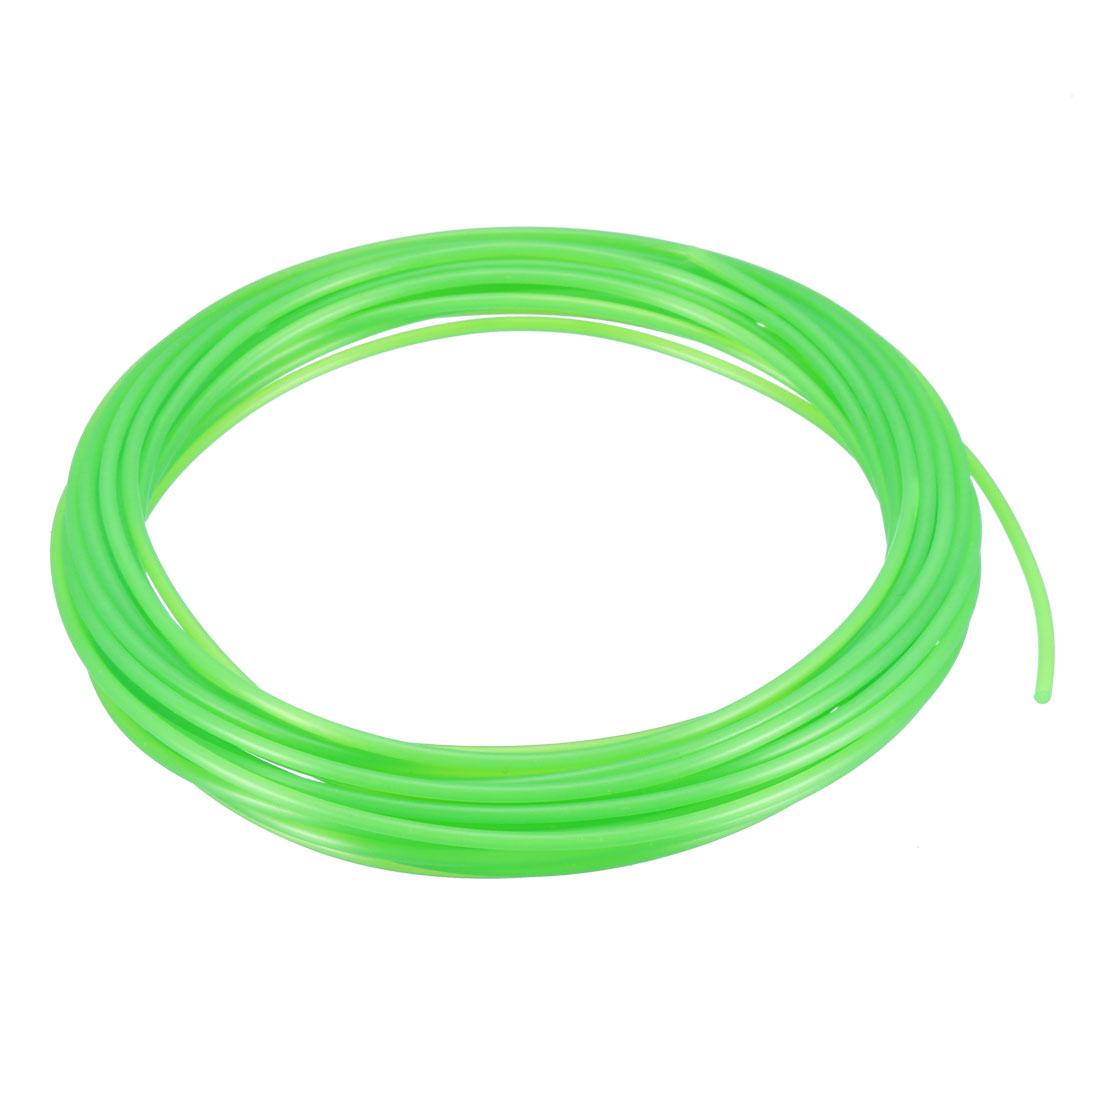 5 Meter/16 Ft PLA 3D Pen/3D Printer Filament, 1.75 mm Transparent Green